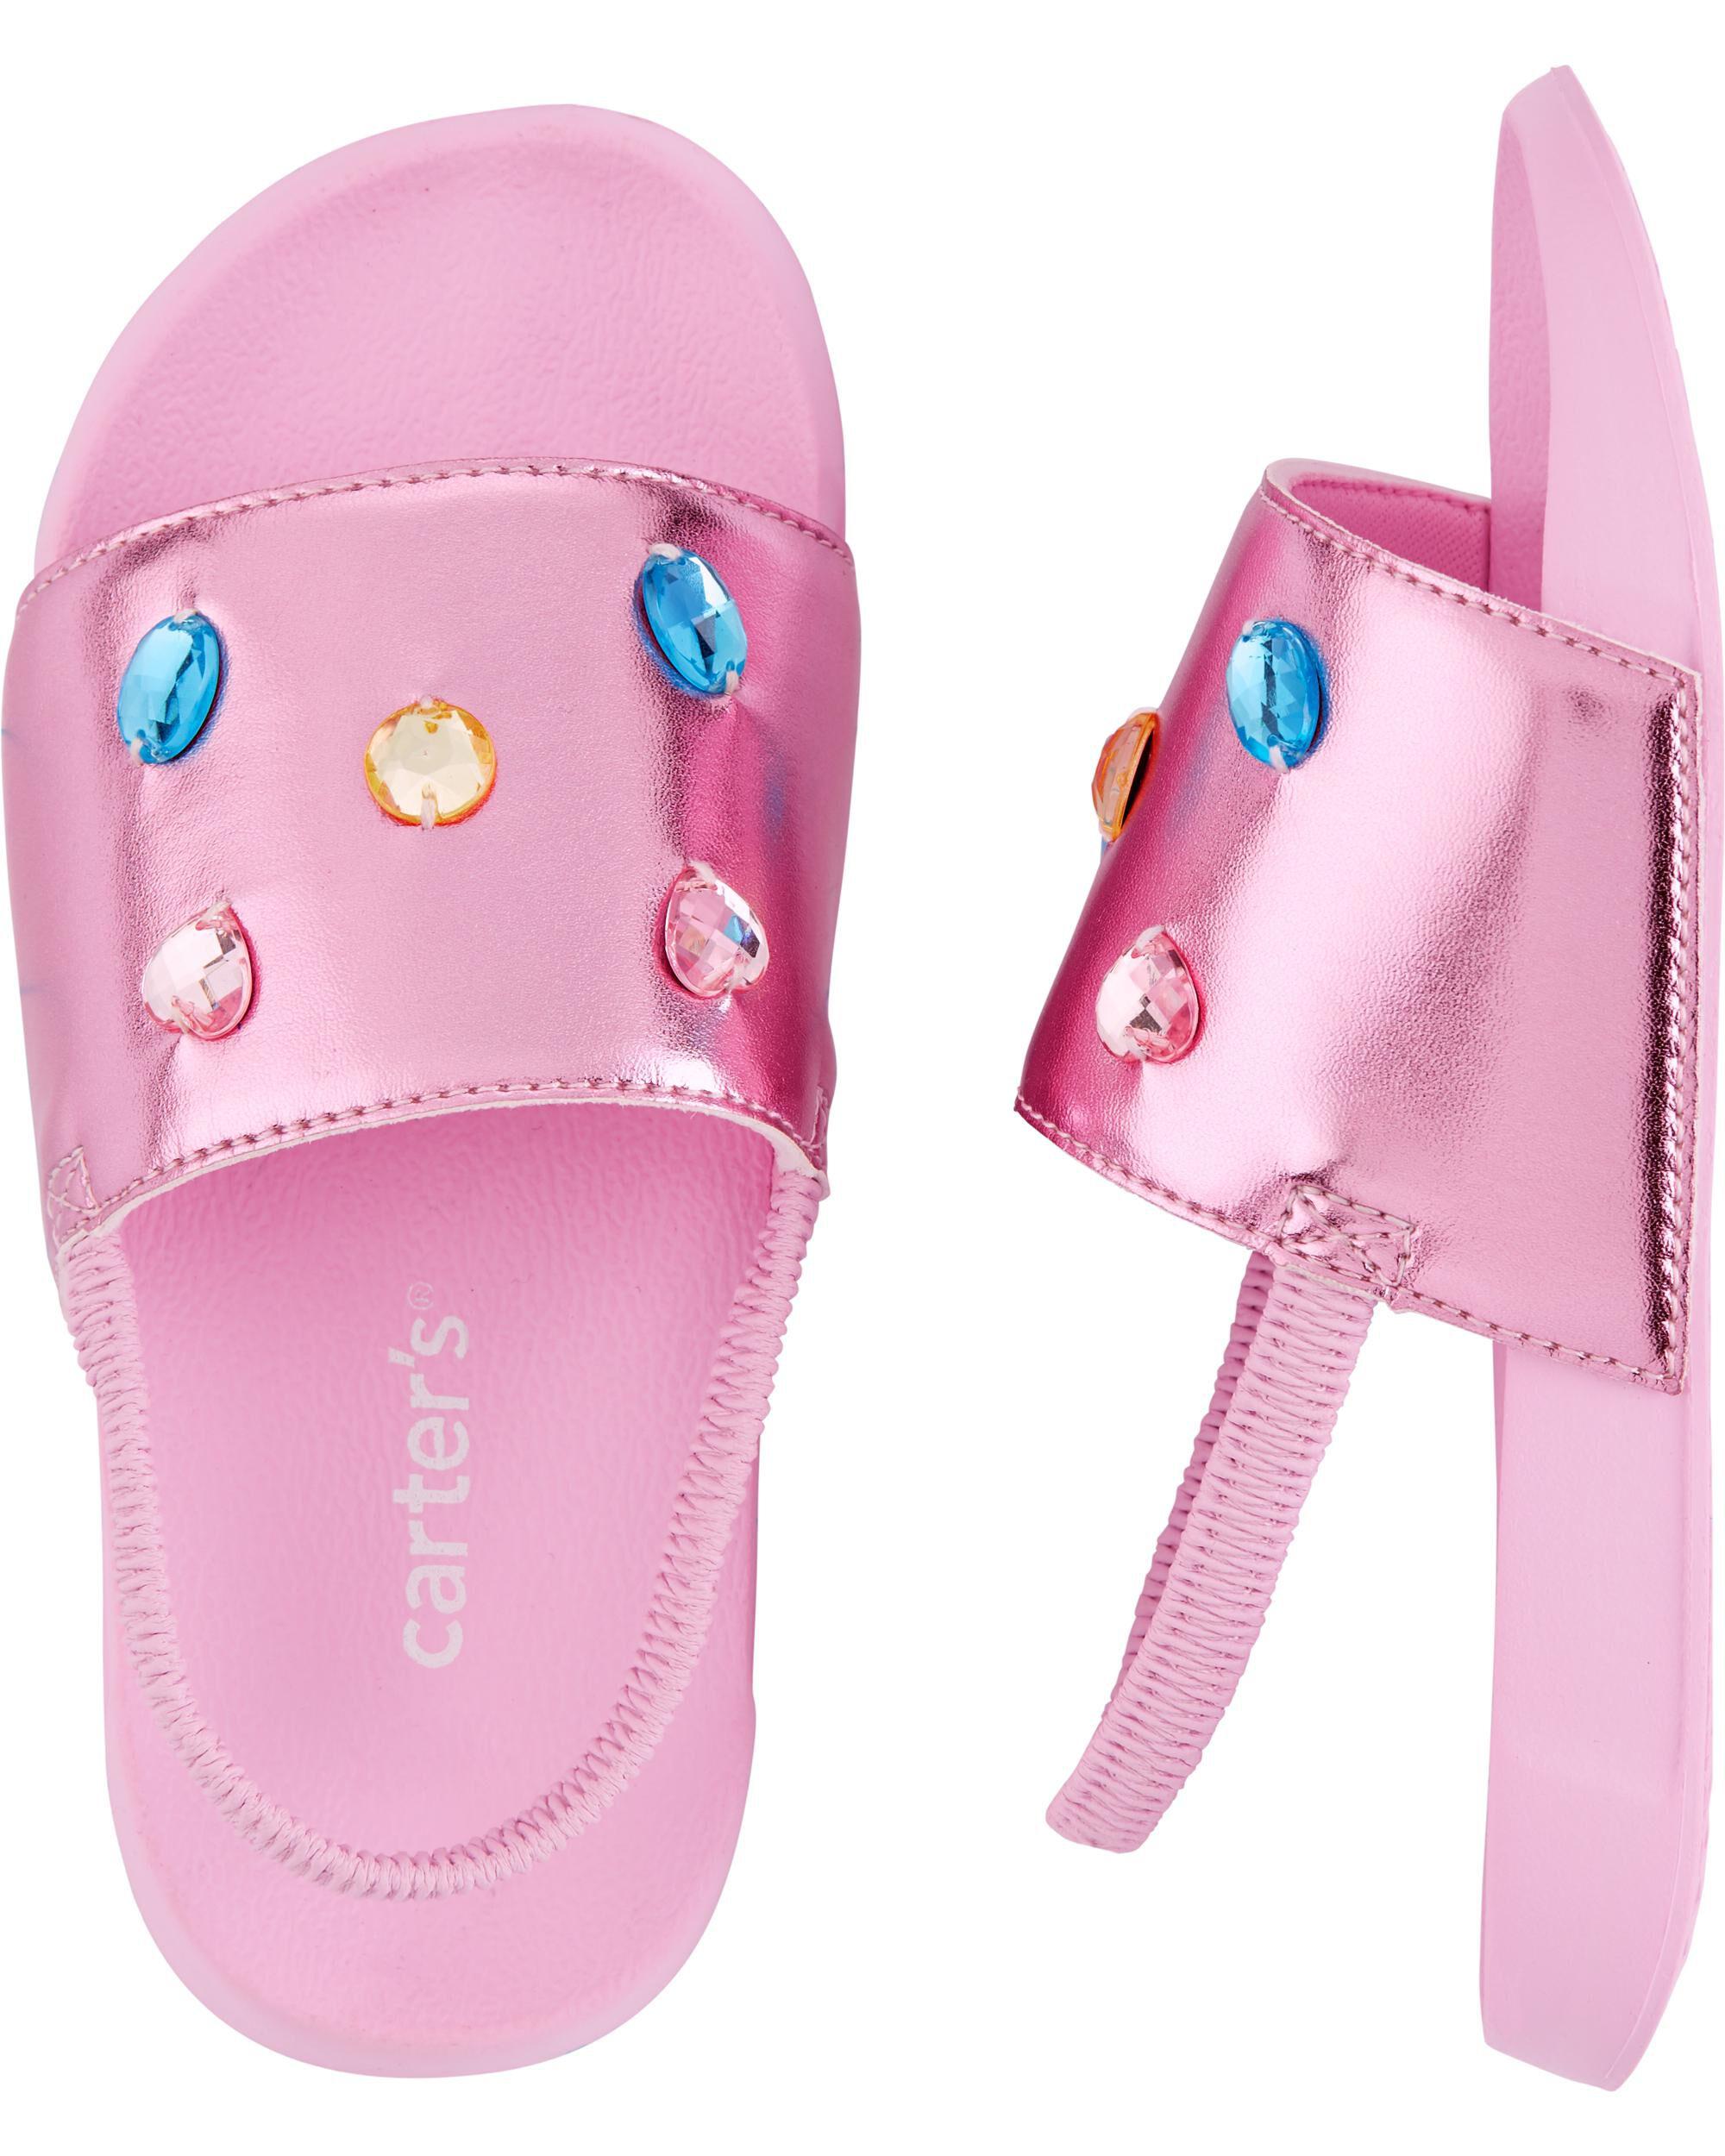 carters jupiter sandals